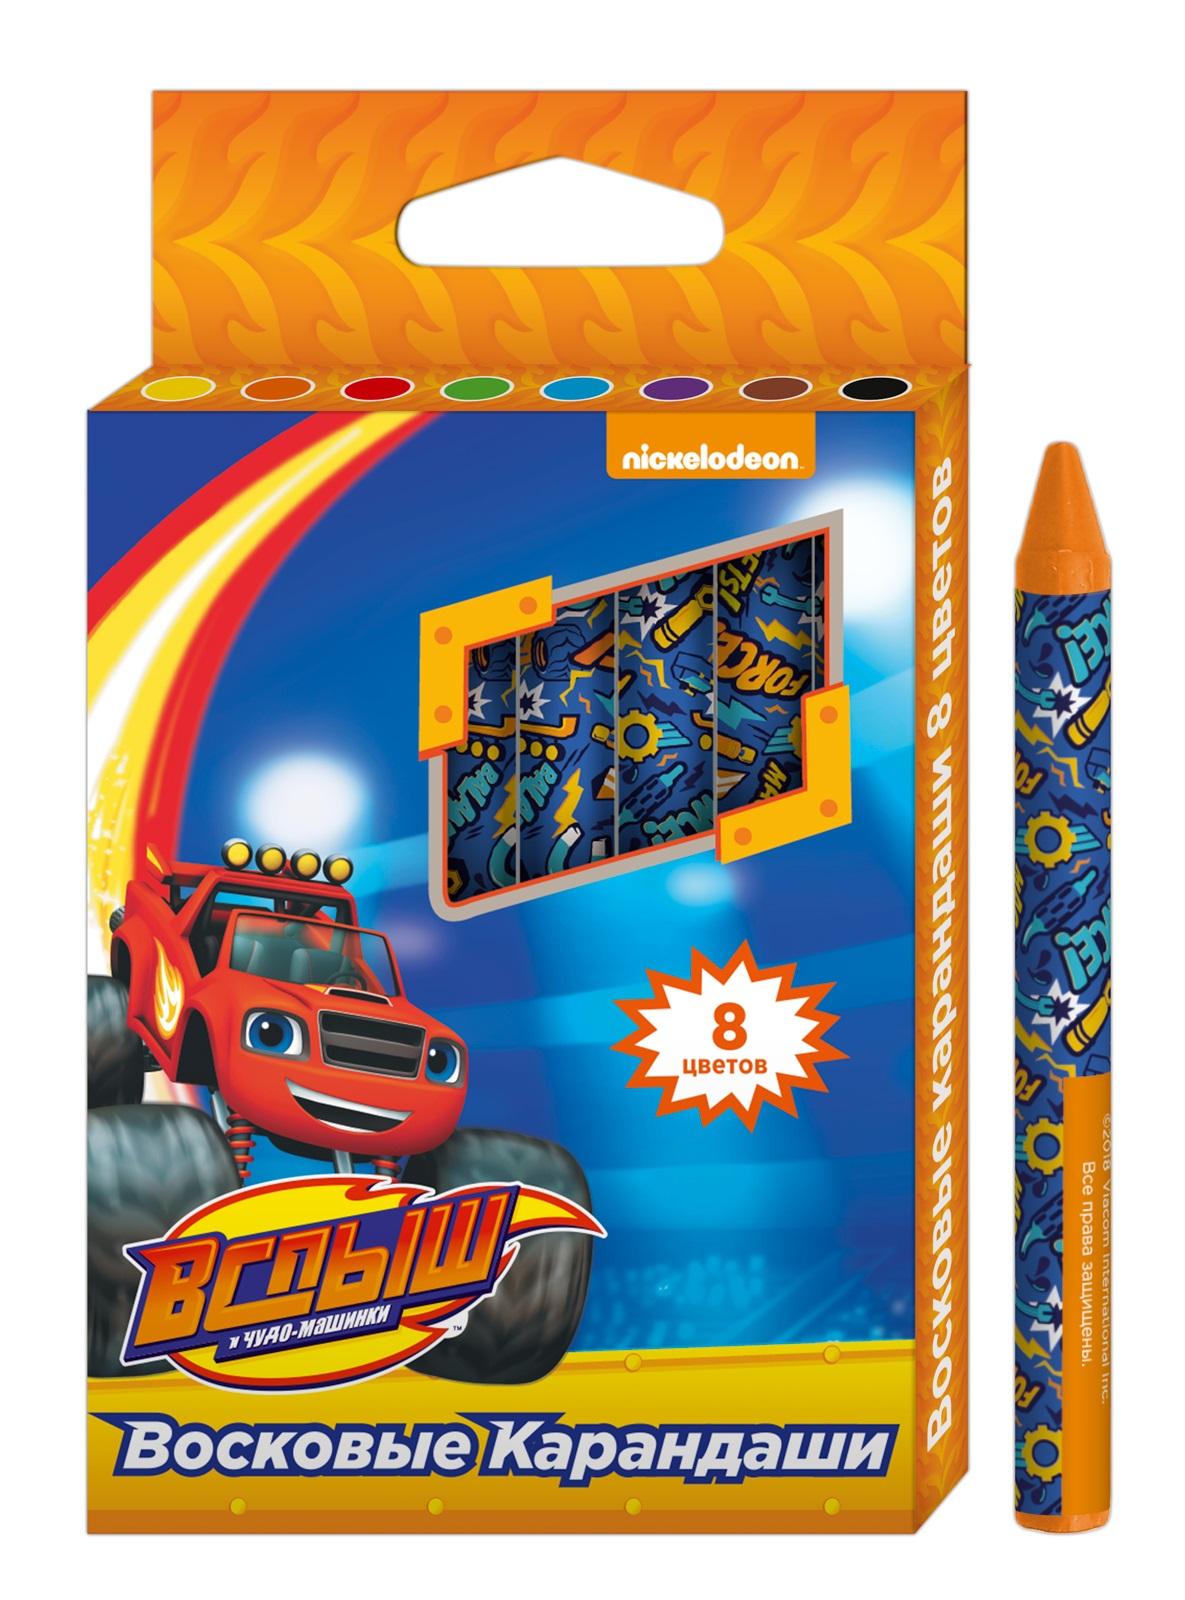 Вспыш Набор восковых карандашей Blaze and the Monster Machines 8 цветов33909В набор Вспыш входит 8 восковых карандашей, которые благодаря своим ярким, насыщенным цветам идеально подходят для рисования, письма и раскрашивания.На каждом карандаше - индивидуальная бумажная упаковка, которая помогает ему не выскальзывать из рук и сохранять пальцы чистыми. Карандаши мягкие и одновременно прочные, что обеспечивает яркость линий без сильного нажима и легкое затачивание. Товар сертифицирован и безопасен при использовании по назначению.Диаметр карандаша: 0,8 см.Длина: 9 см.